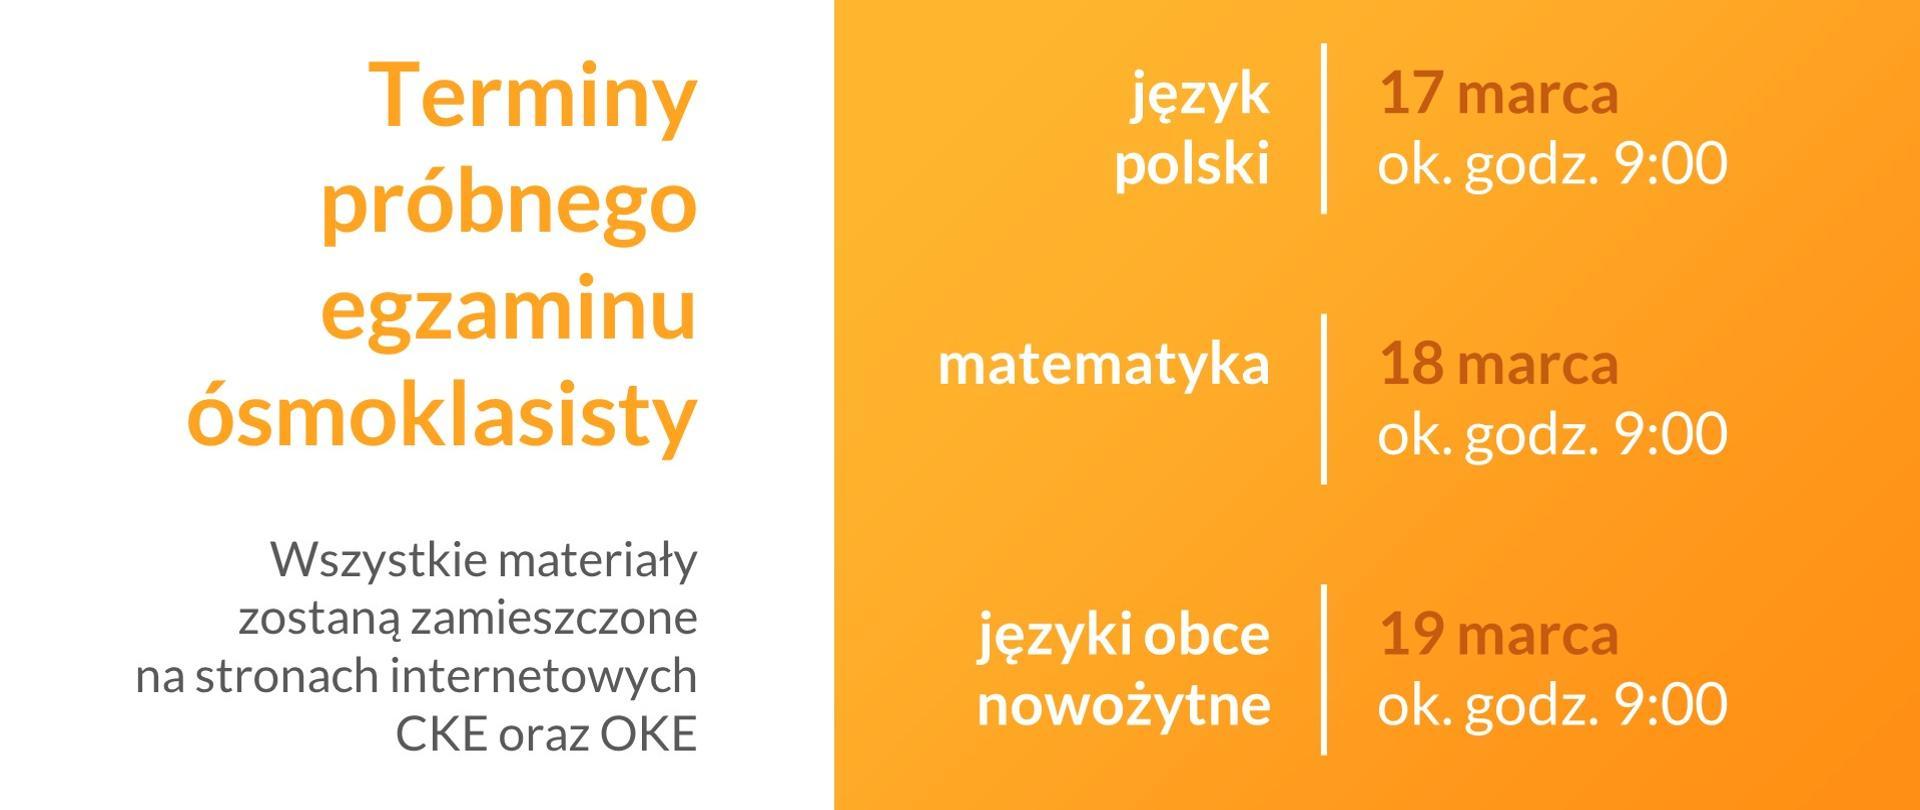 Plansza informacyjna w kolorach białym i pomarańczowym. Z lewej strony napis: Terminy próbnego egzaminu ósmoklasisty. Z prawej strony grafiki wypisane terminy poszczególnych egzaminów.